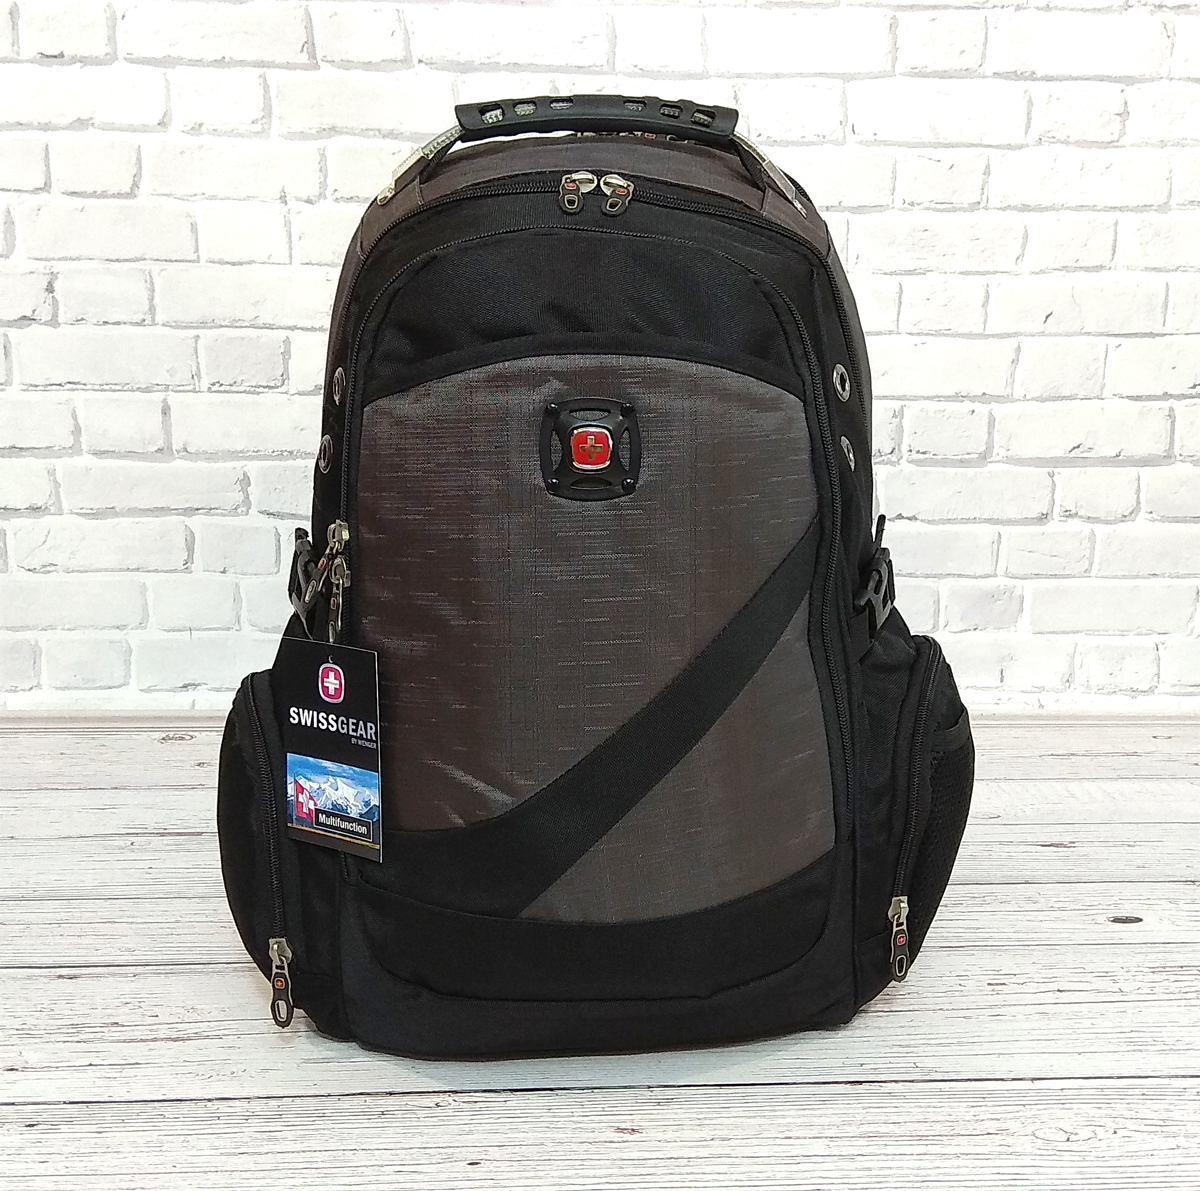 Вместительный рюкзак с жесткой спинкой. Черный с серым. + Дождевик. 35L / s7650 grey